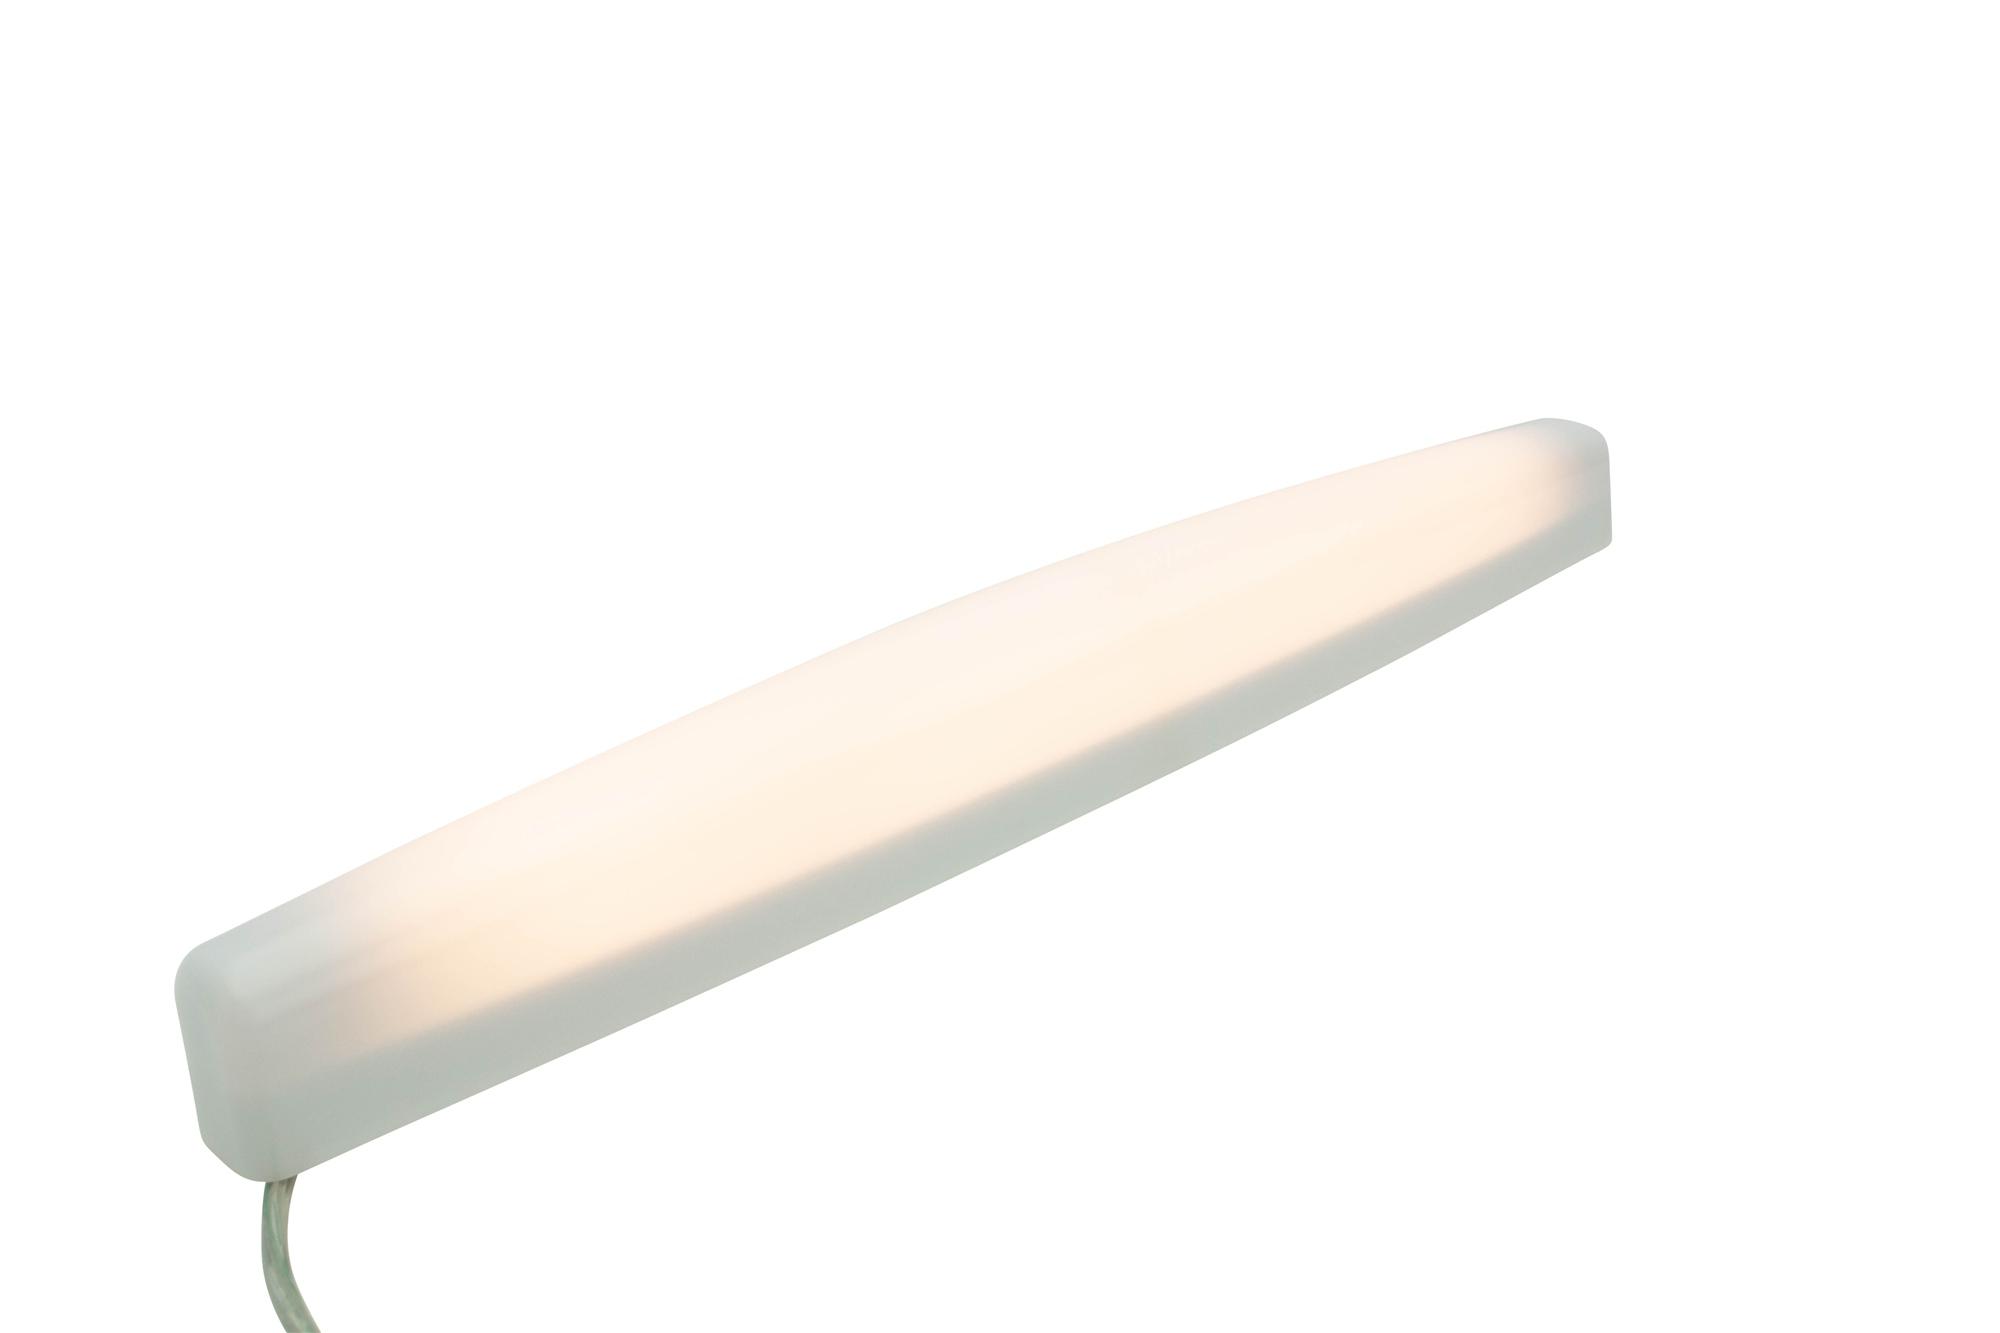 Lampenlux Wandlampe Akuma T5 Badlampe 13W Opal weiß Spiegellleuchte 55cm